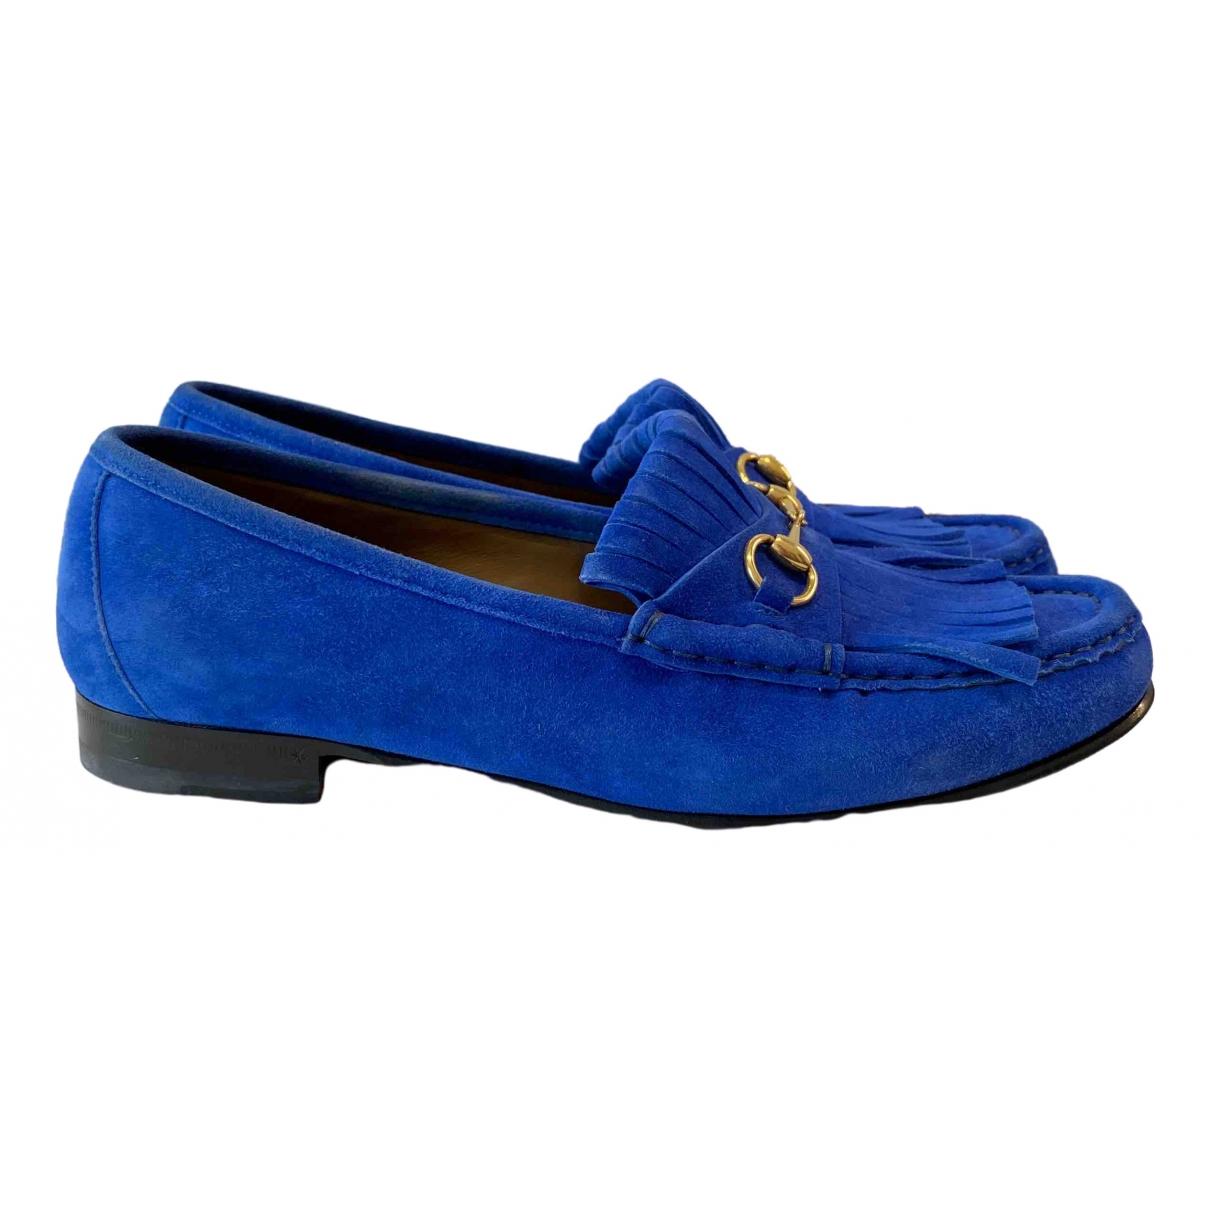 Gucci \N Blue Suede Flats for Women 39.5 EU